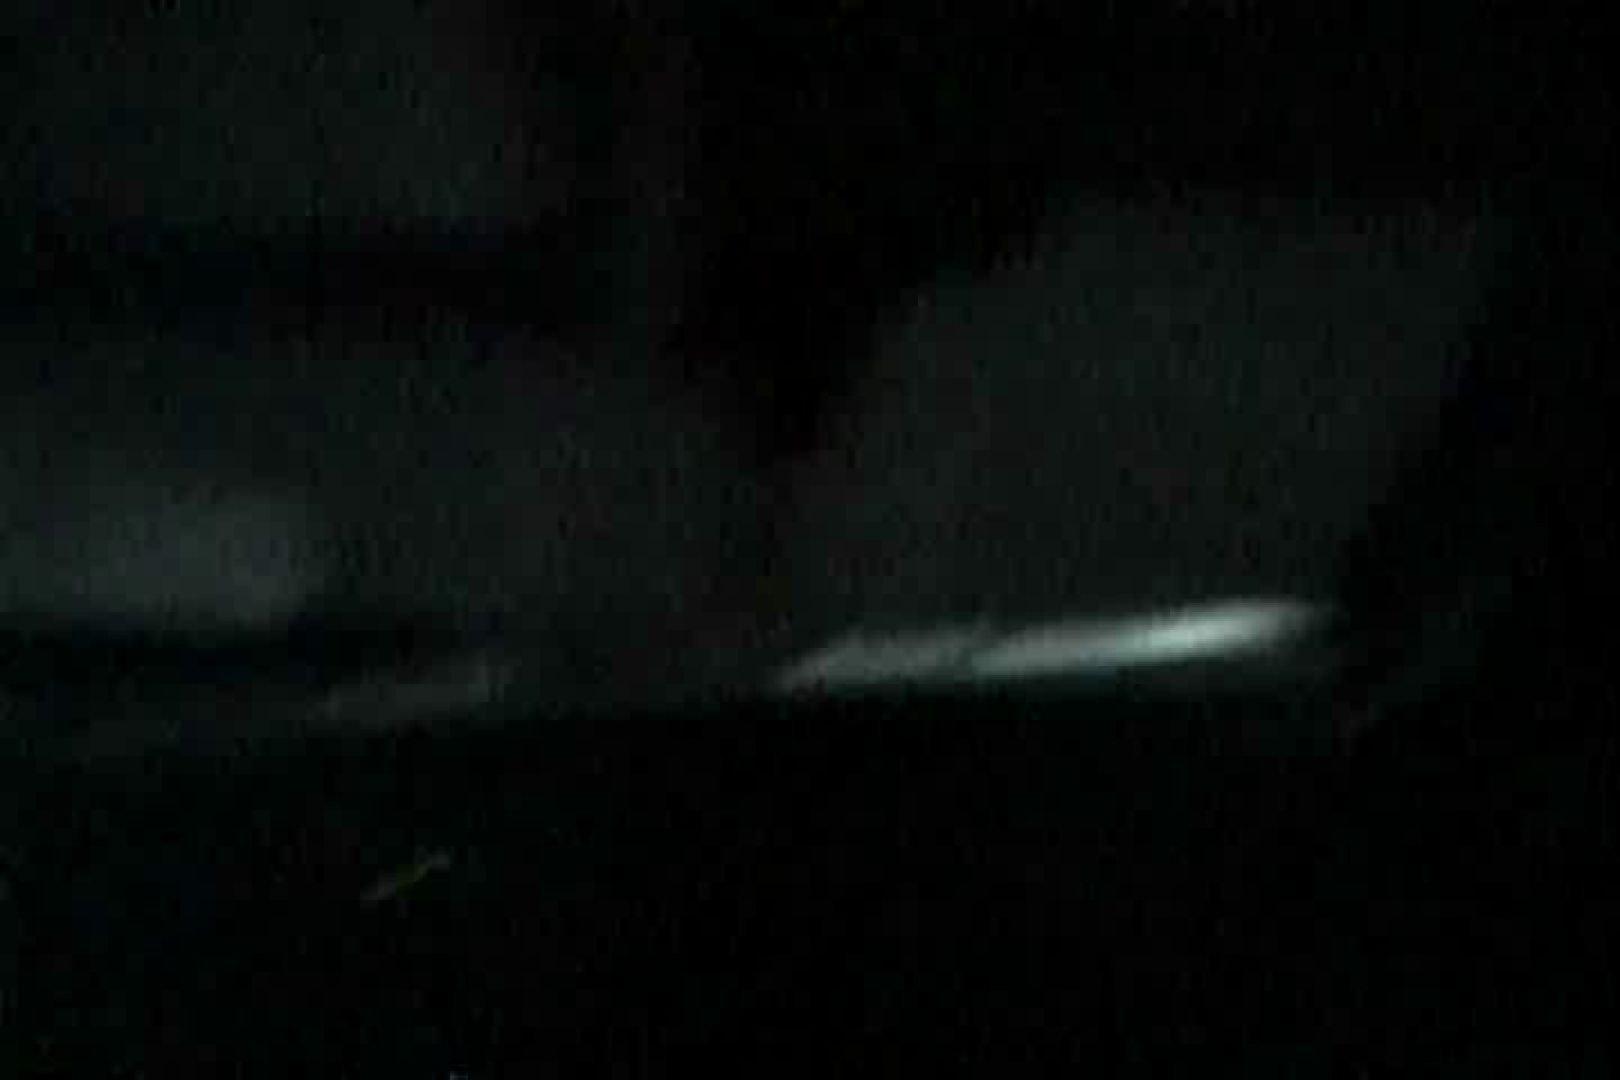 充血監督の深夜の運動会Vol.126 OLセックス 盗撮オメコ無修正動画無料 84画像 13